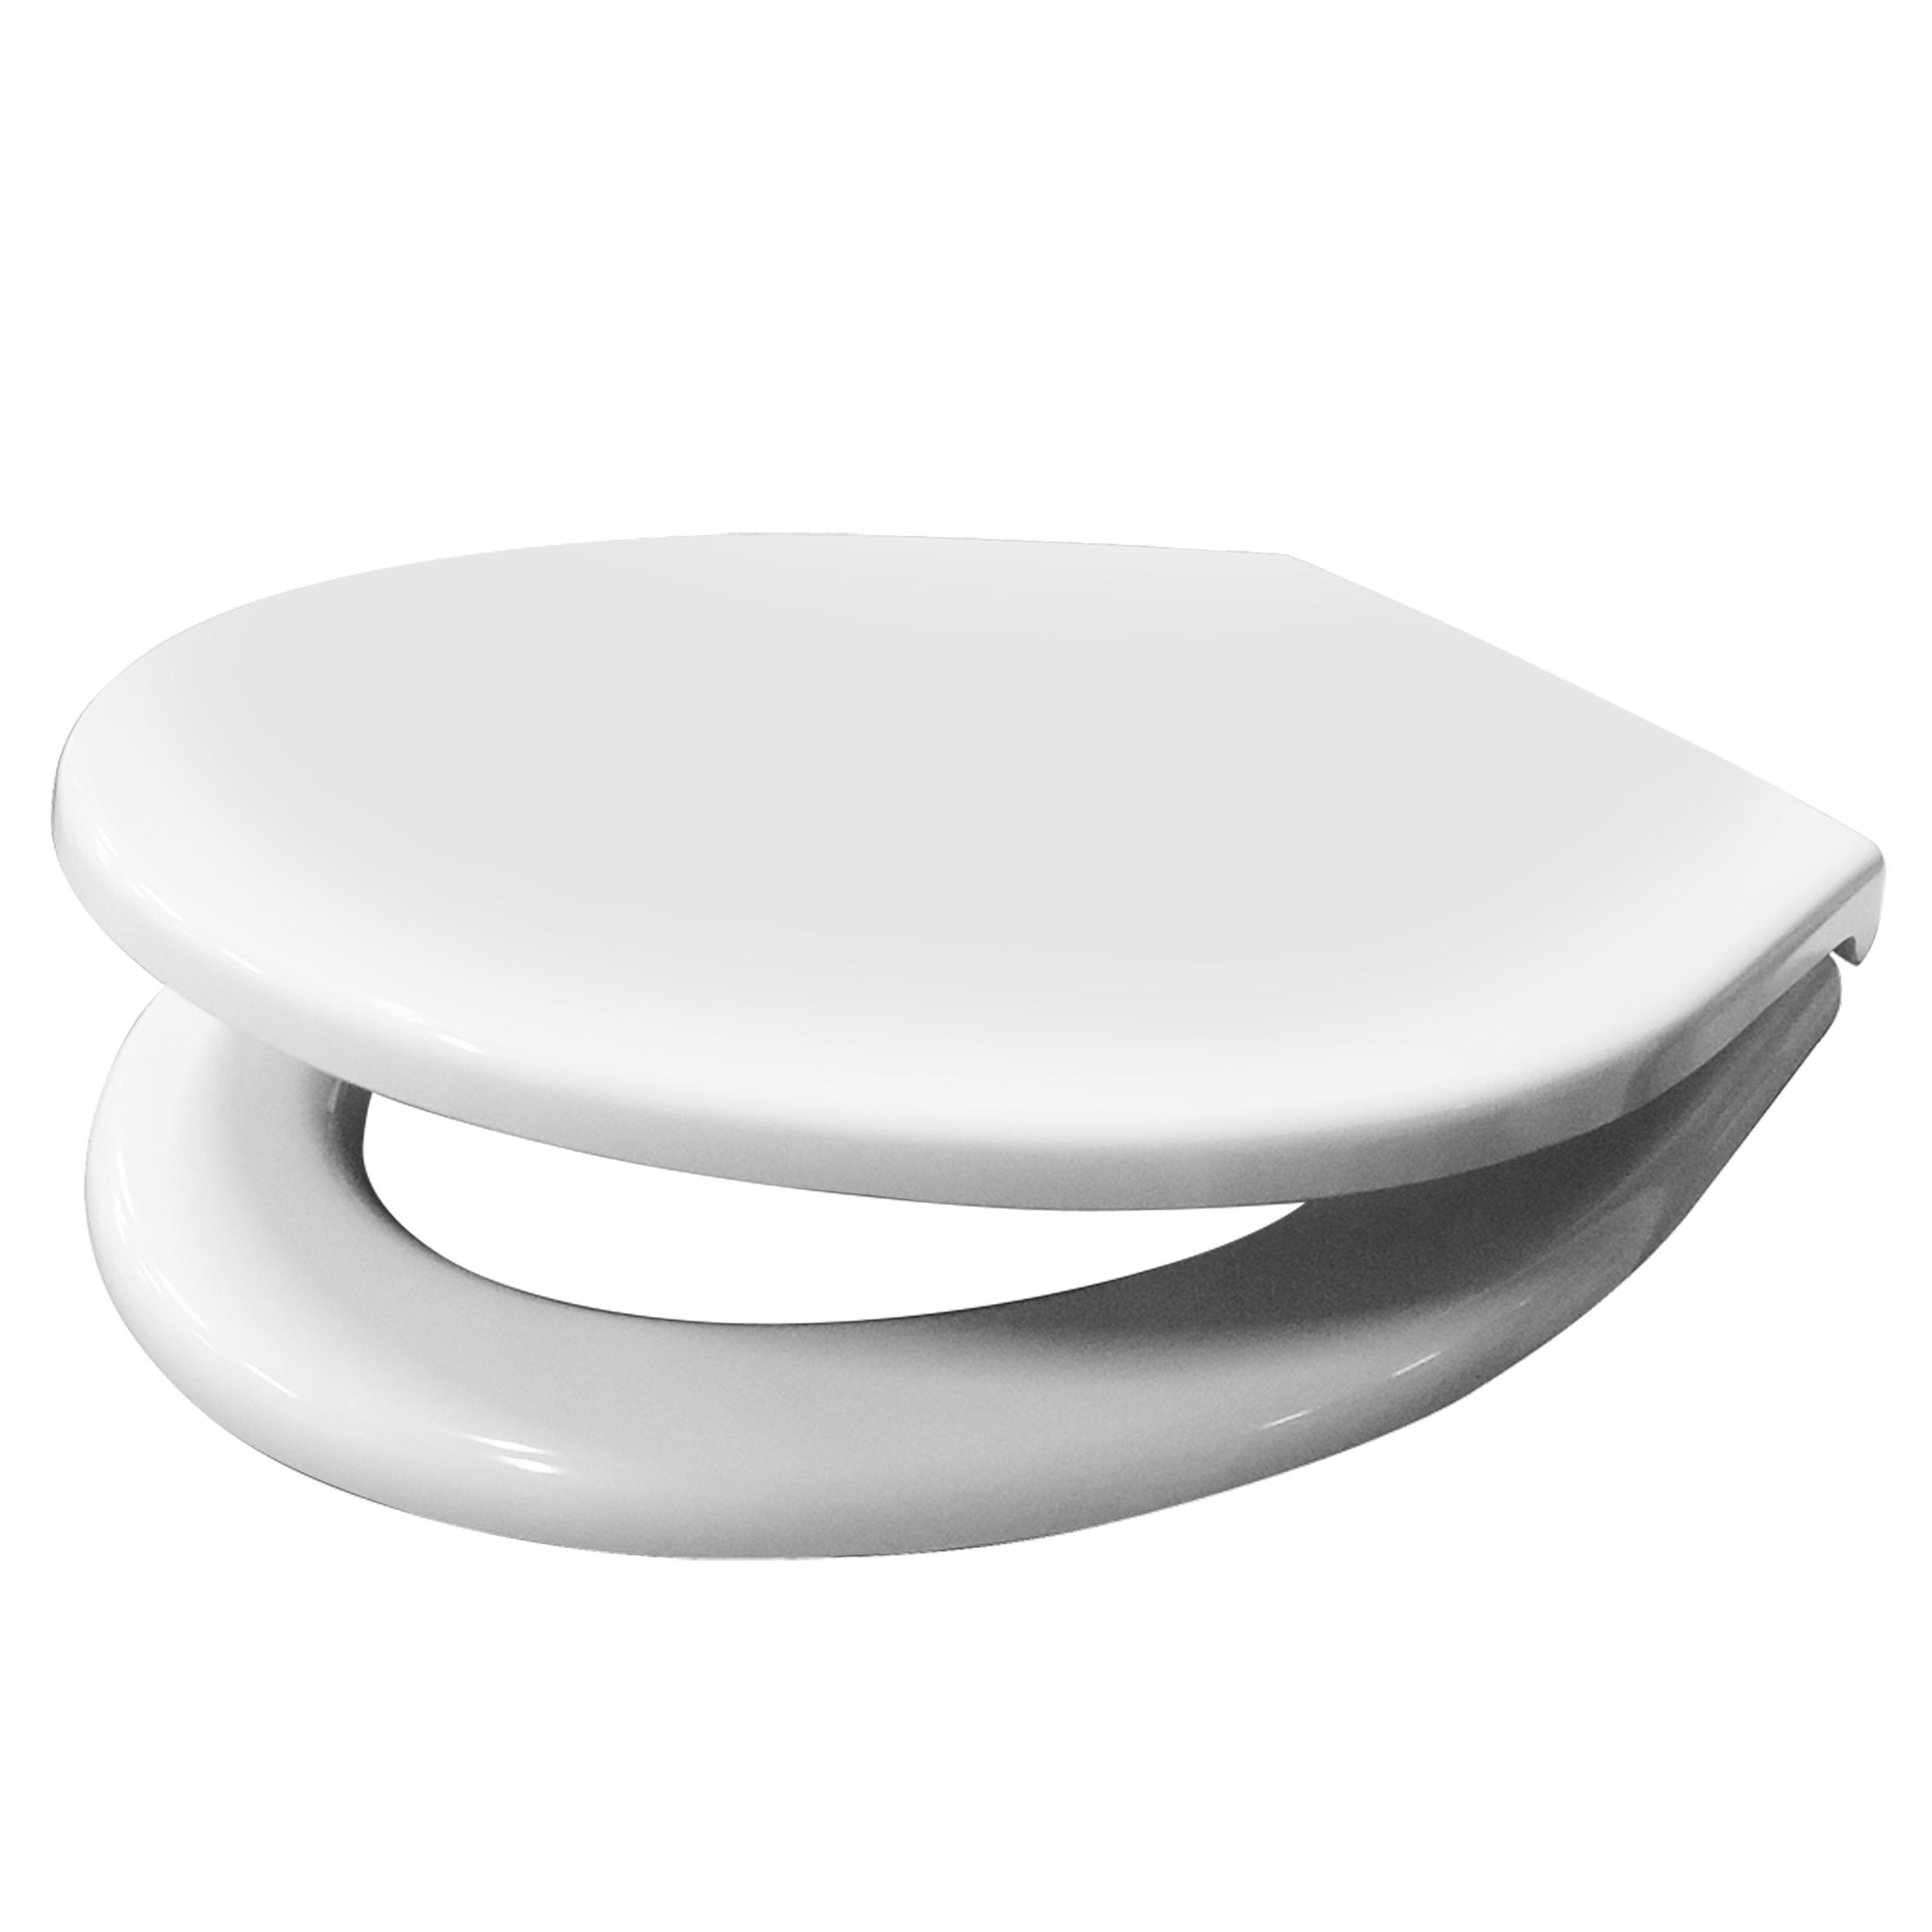 Toilet Zitting Van Marcke Haro Regent Soft Close Duroplast Wit voordeel